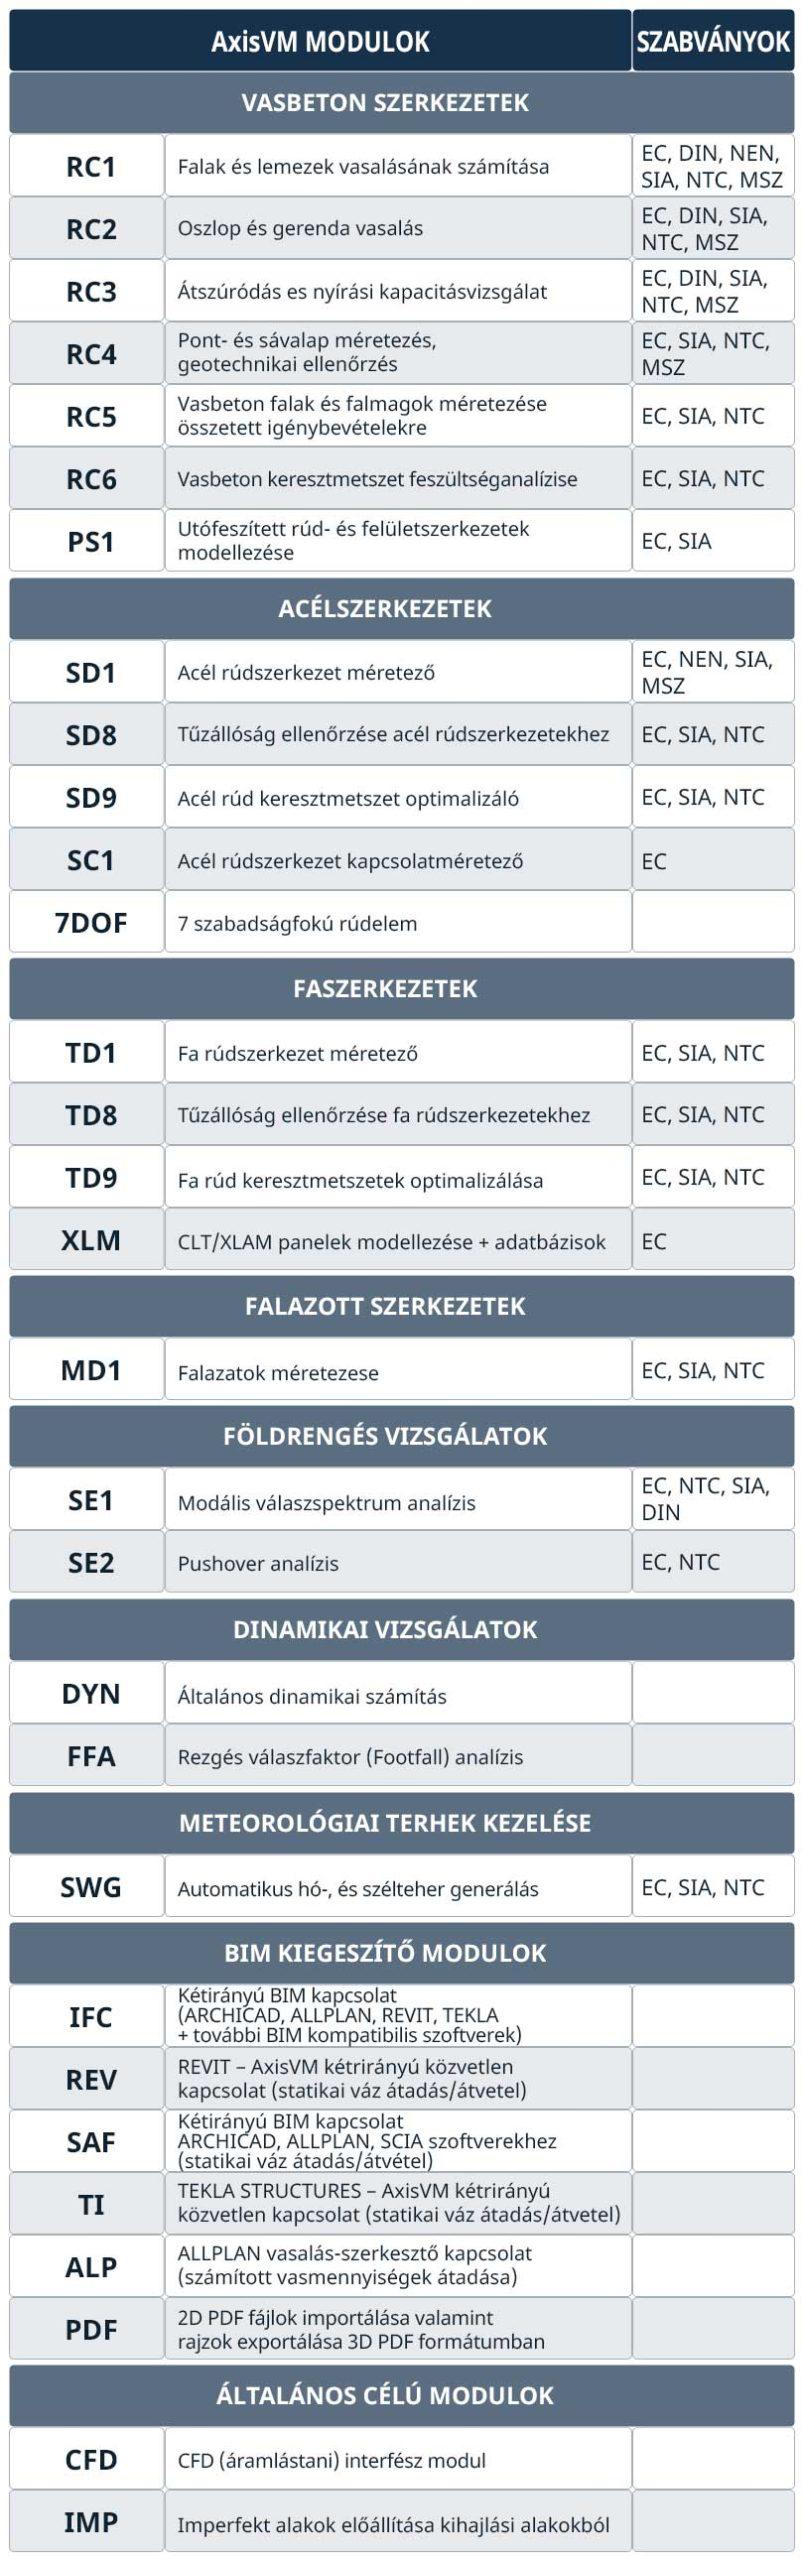 AxisVM modulok szabványok